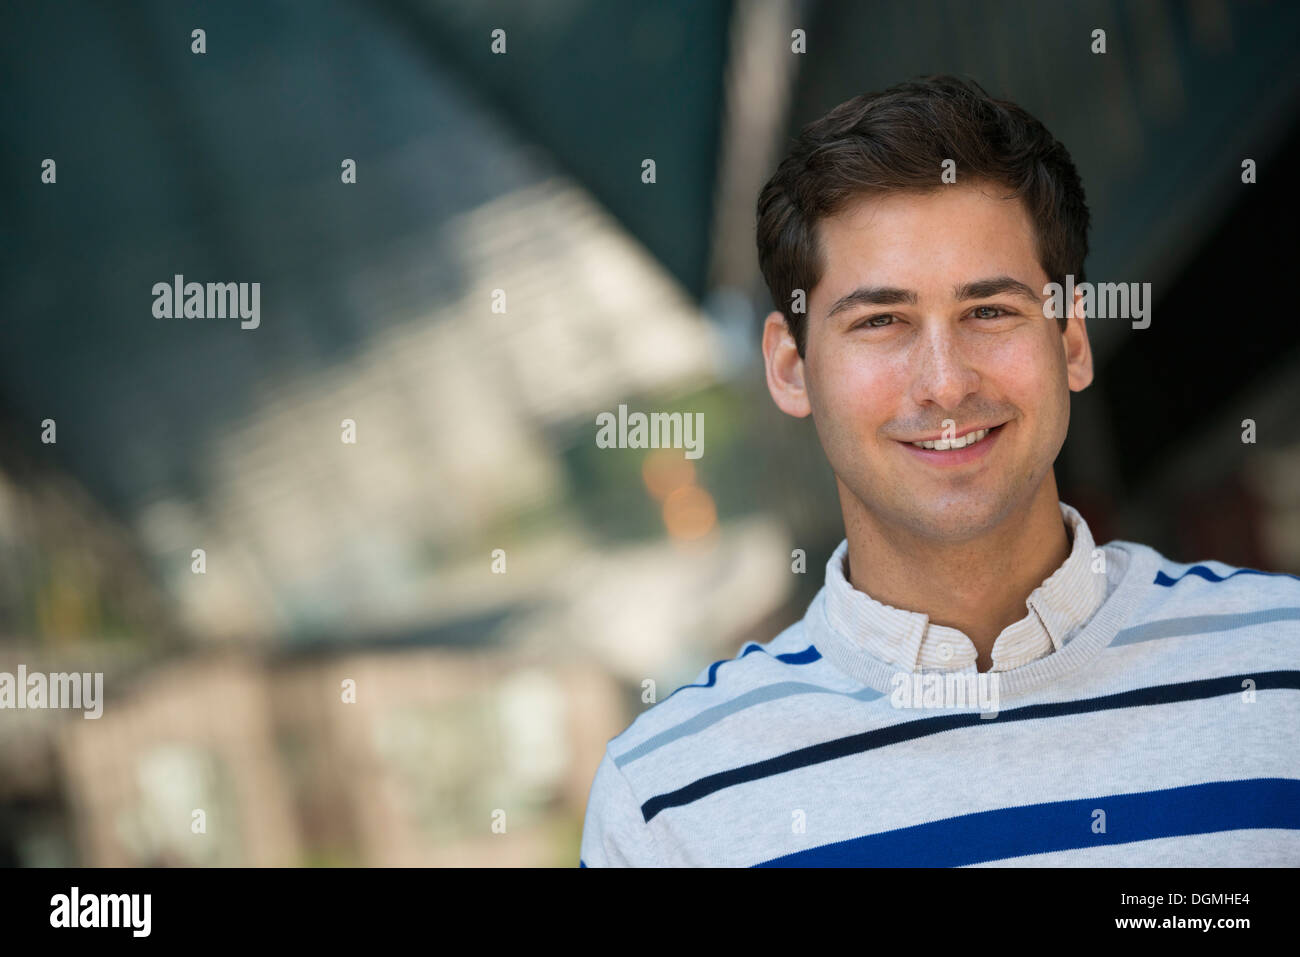 Les gens d'affaires en déplacement. Un jeune homme dans un pullover rayé regardant la caméra. Photo Stock